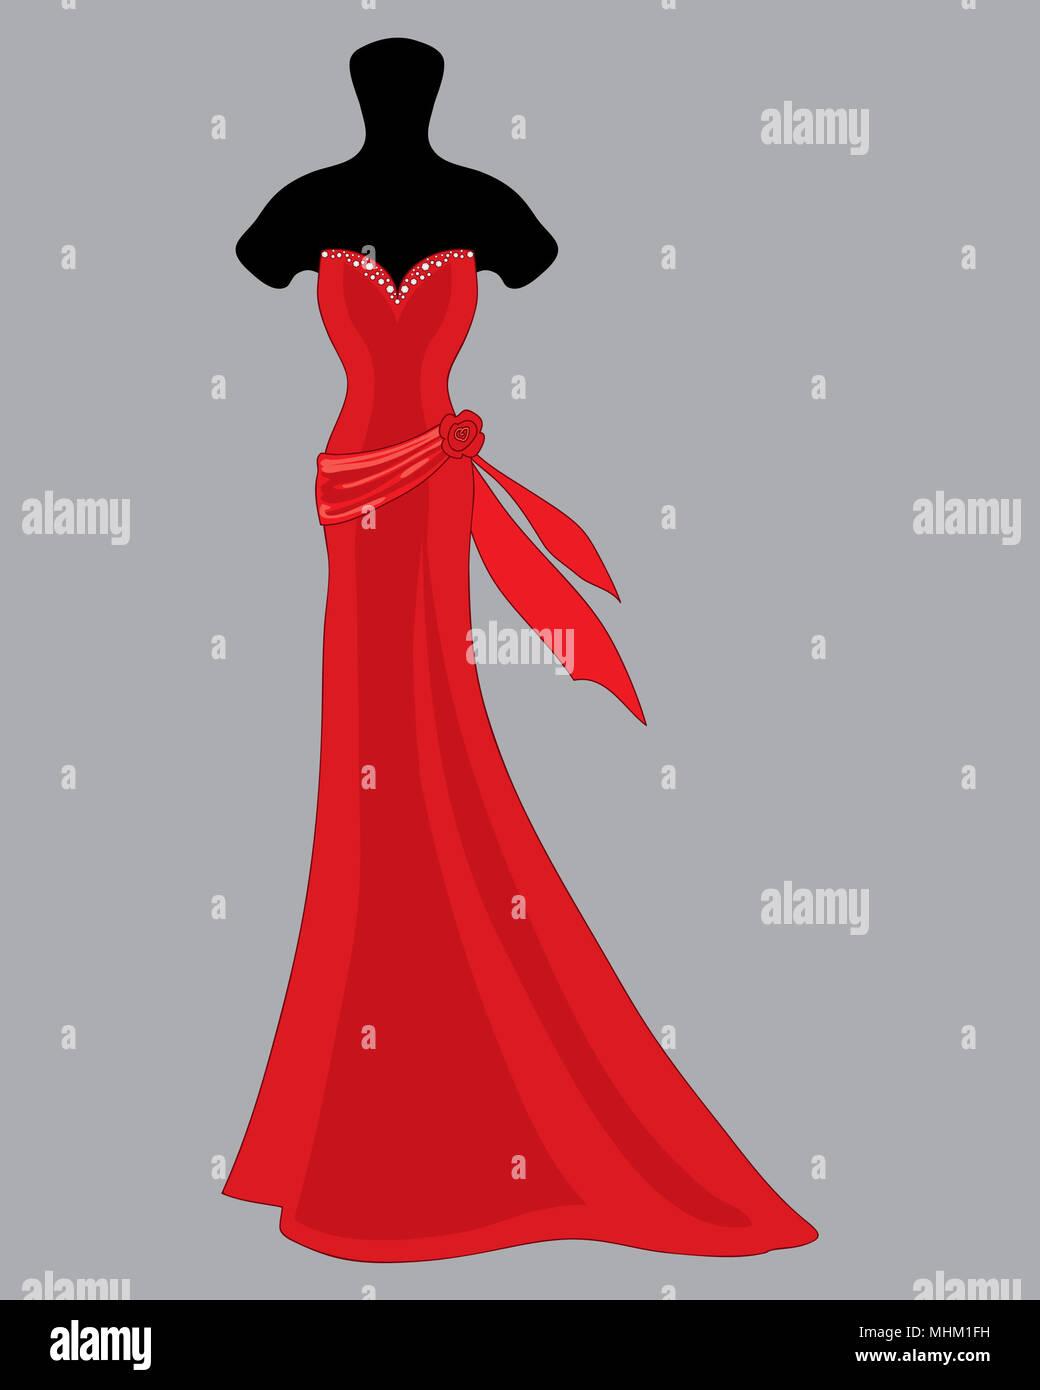 Ein Beispiel Fur Eine Schone Designer Rot Hochzeit Kleid Mit Juwelen Herzausschnitt Und Flugel Mit Rose Dekoration Auf Grauem Hintergrund Stockfotografie Alamy